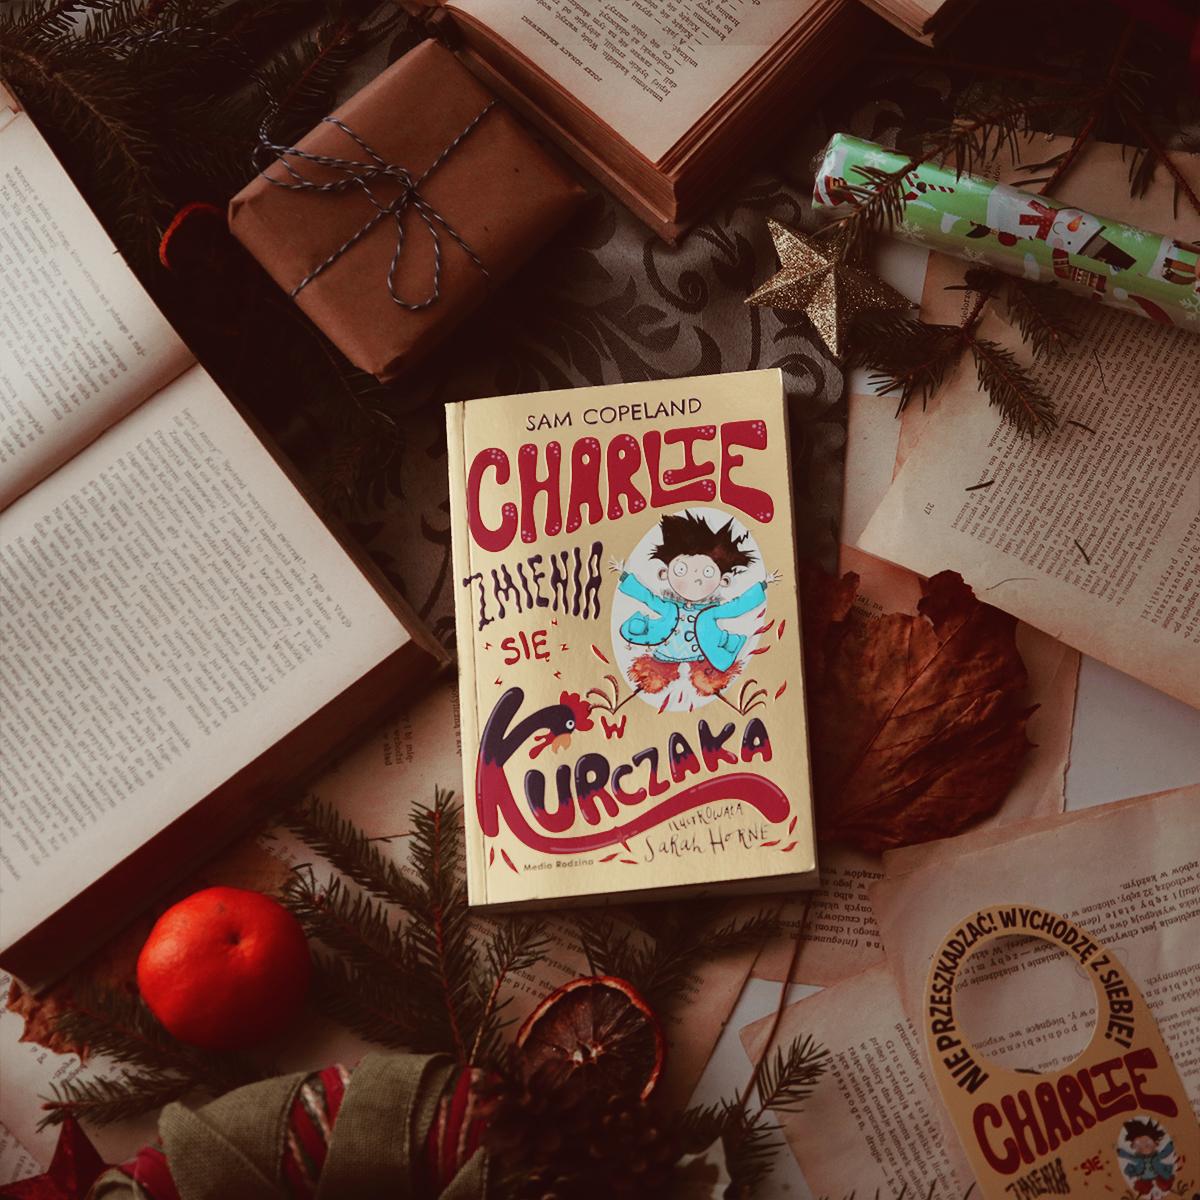 #139 Charlie zmienia się w kurczaka -  Sam Copeland, Sarah Horne